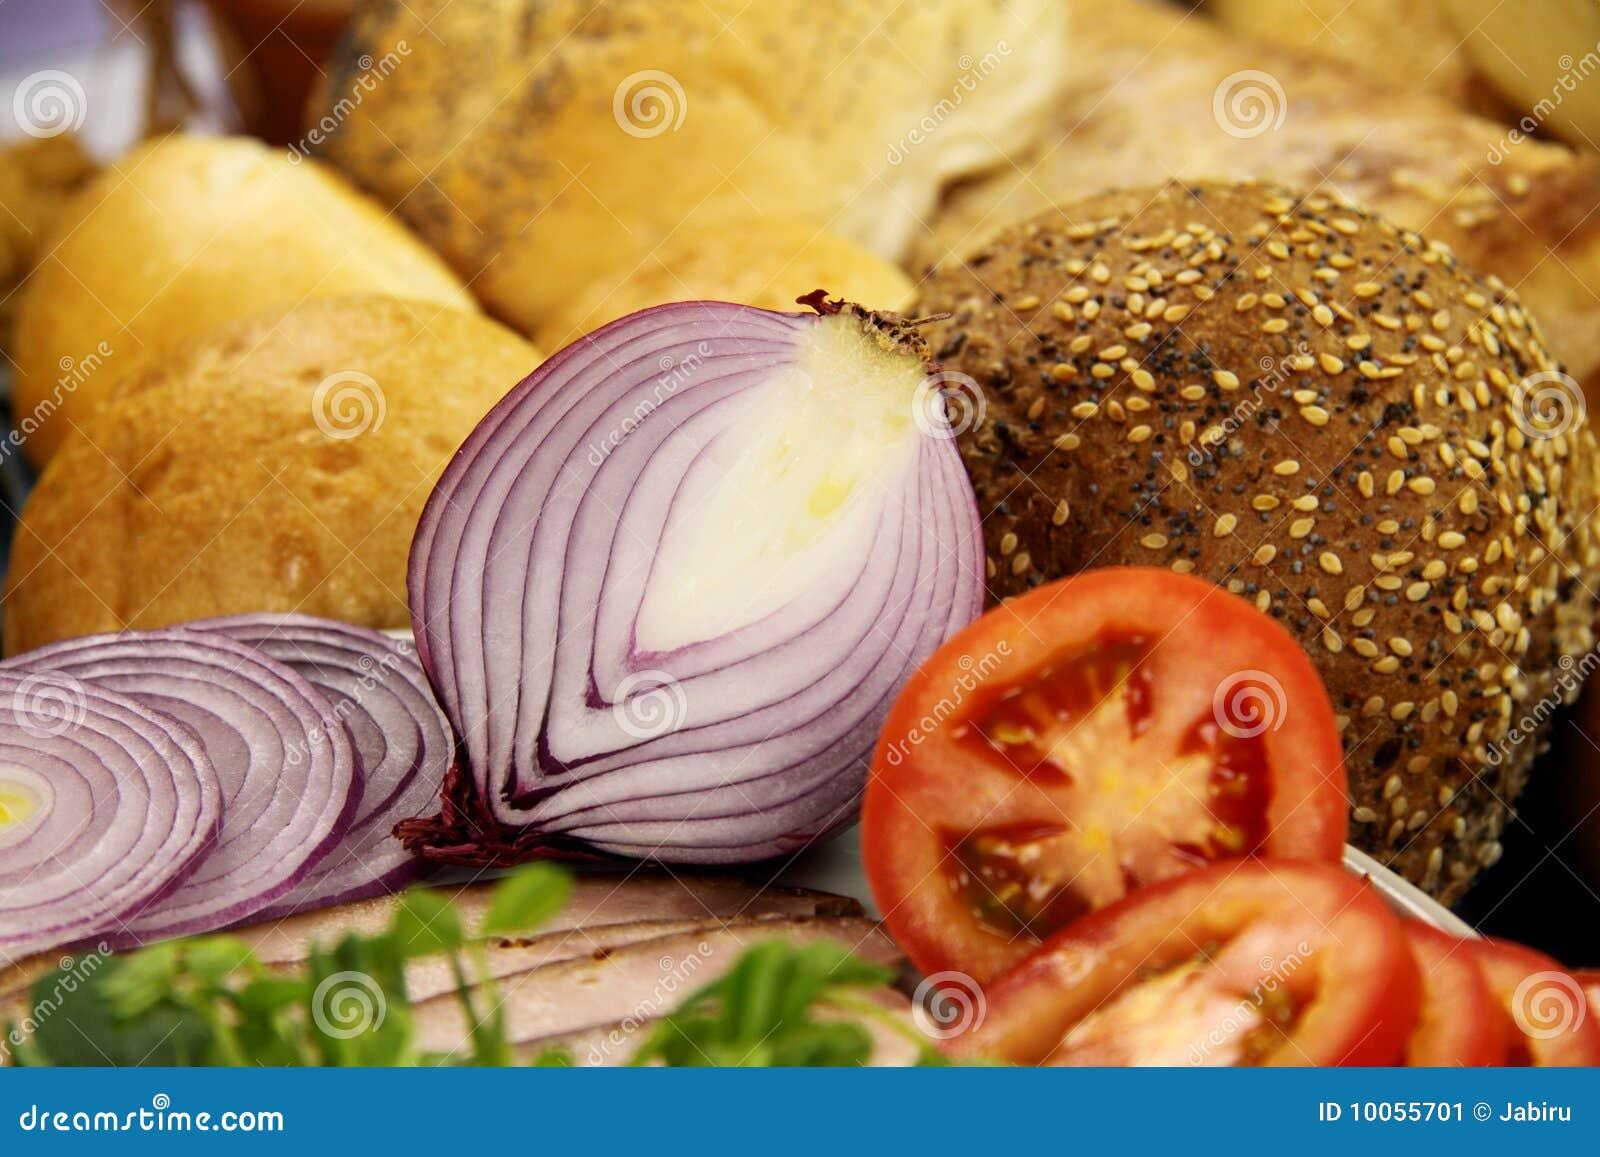 Cebola vermelha e pão